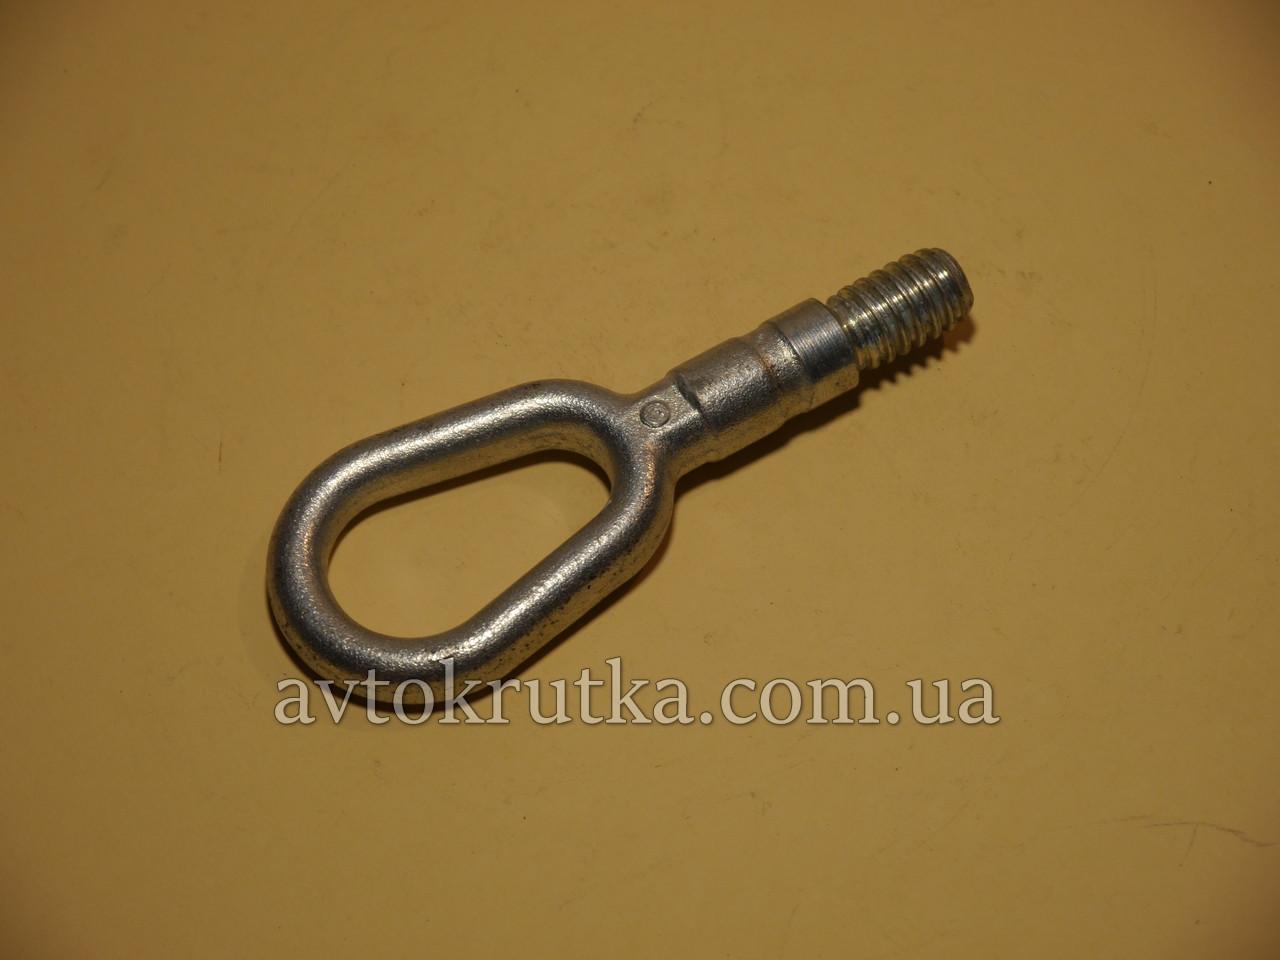 Буксировочный крюк Mini Cooper (Мини Купер) от 2001г. 72157203519